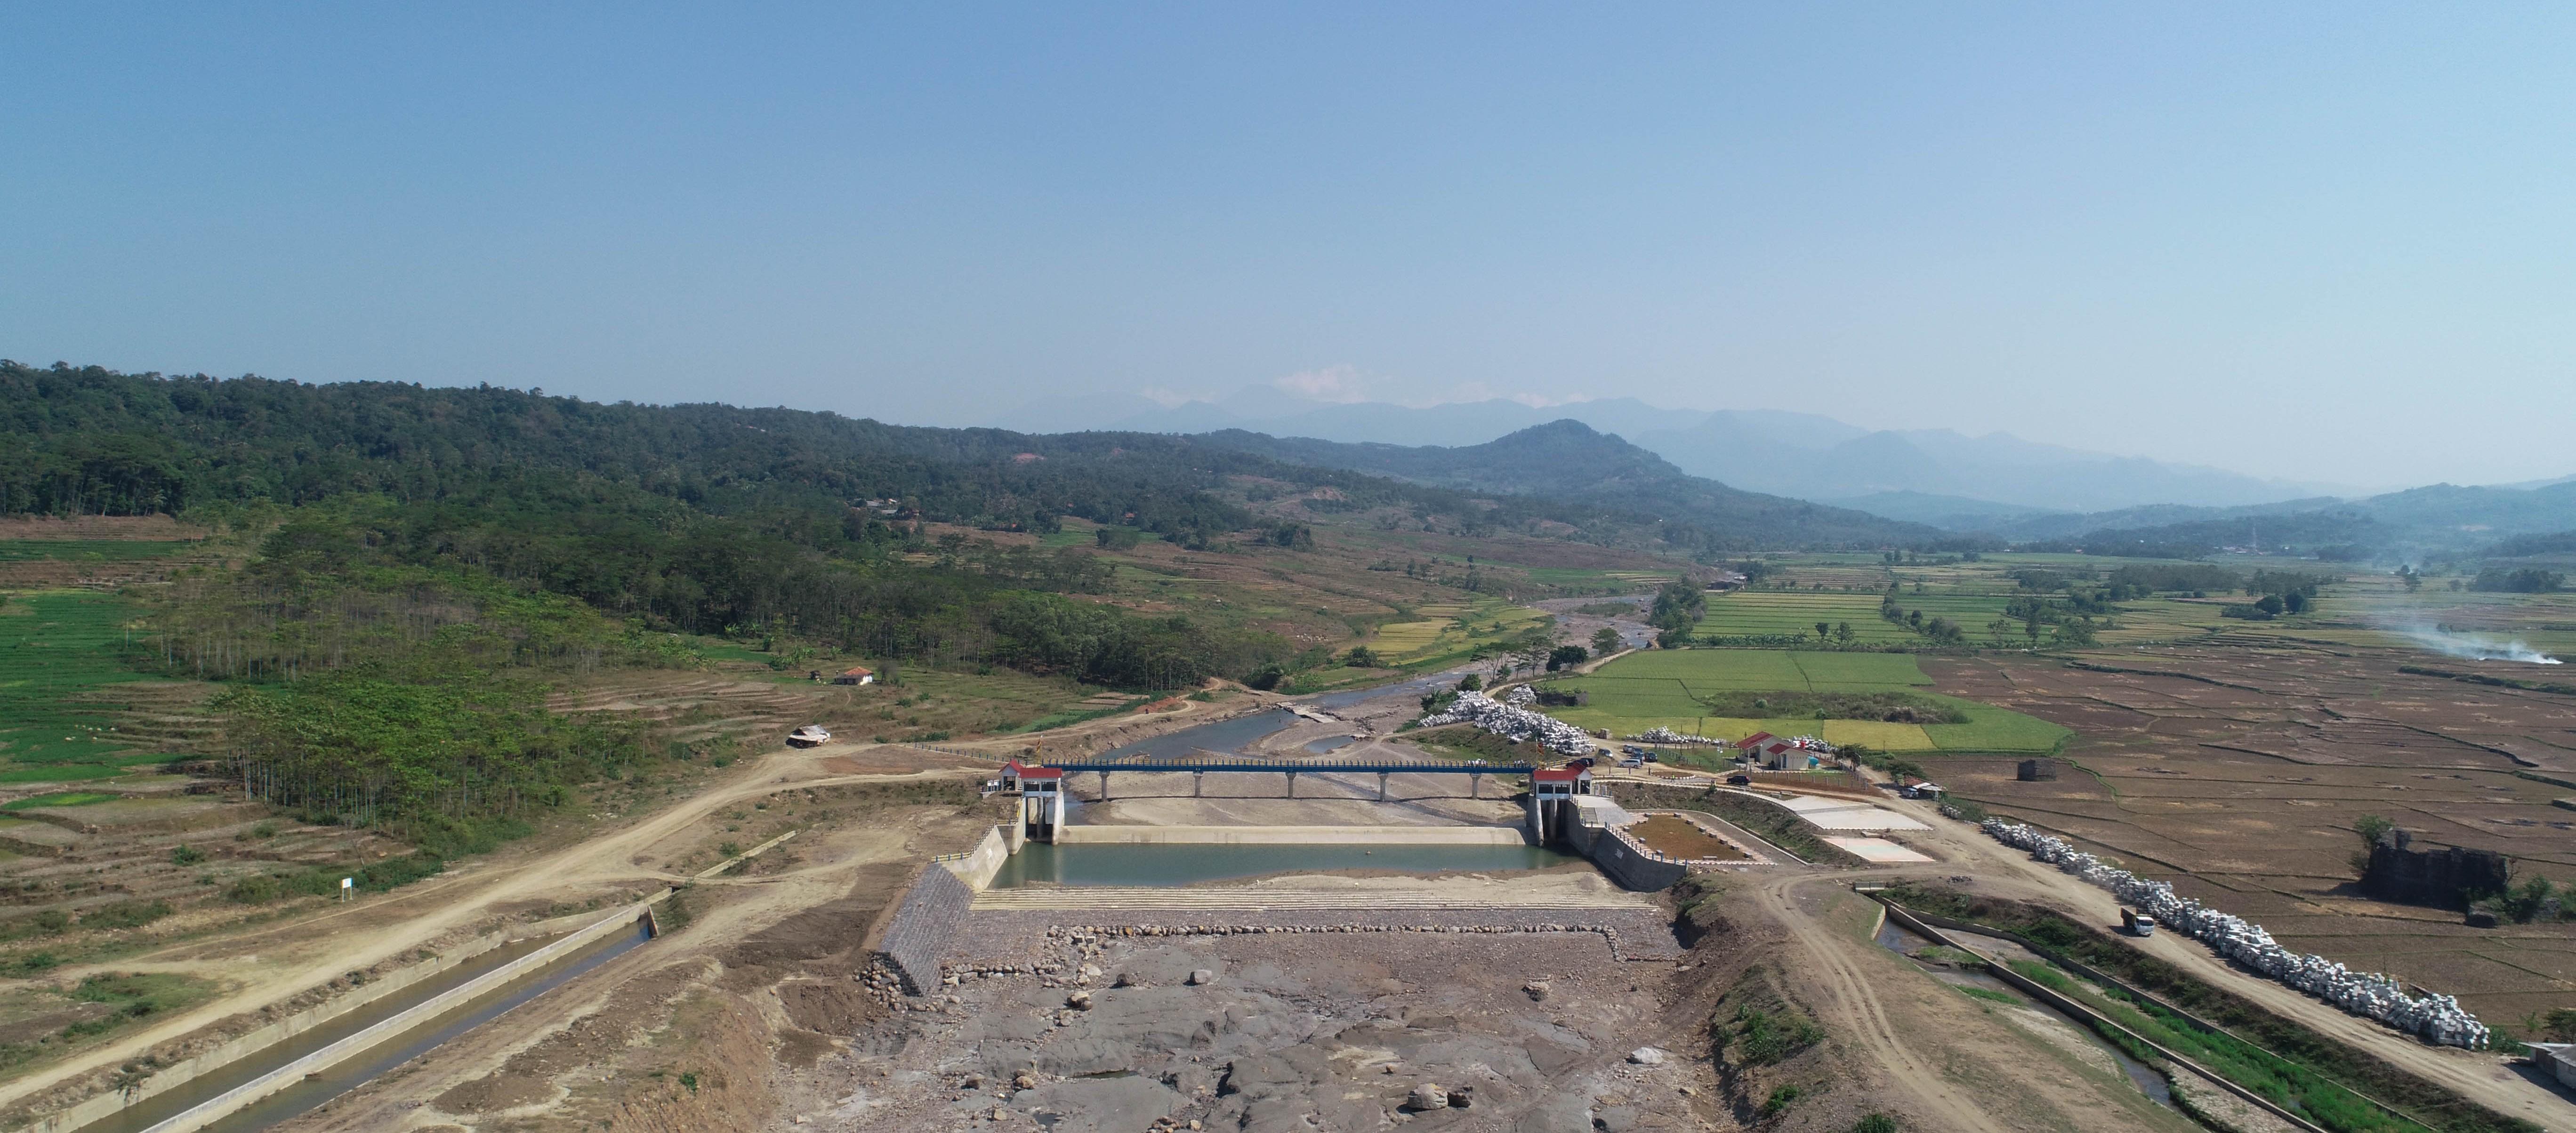 Tinjauan Lokasi Pembangunan Groundsill Bendung Cipamingkis